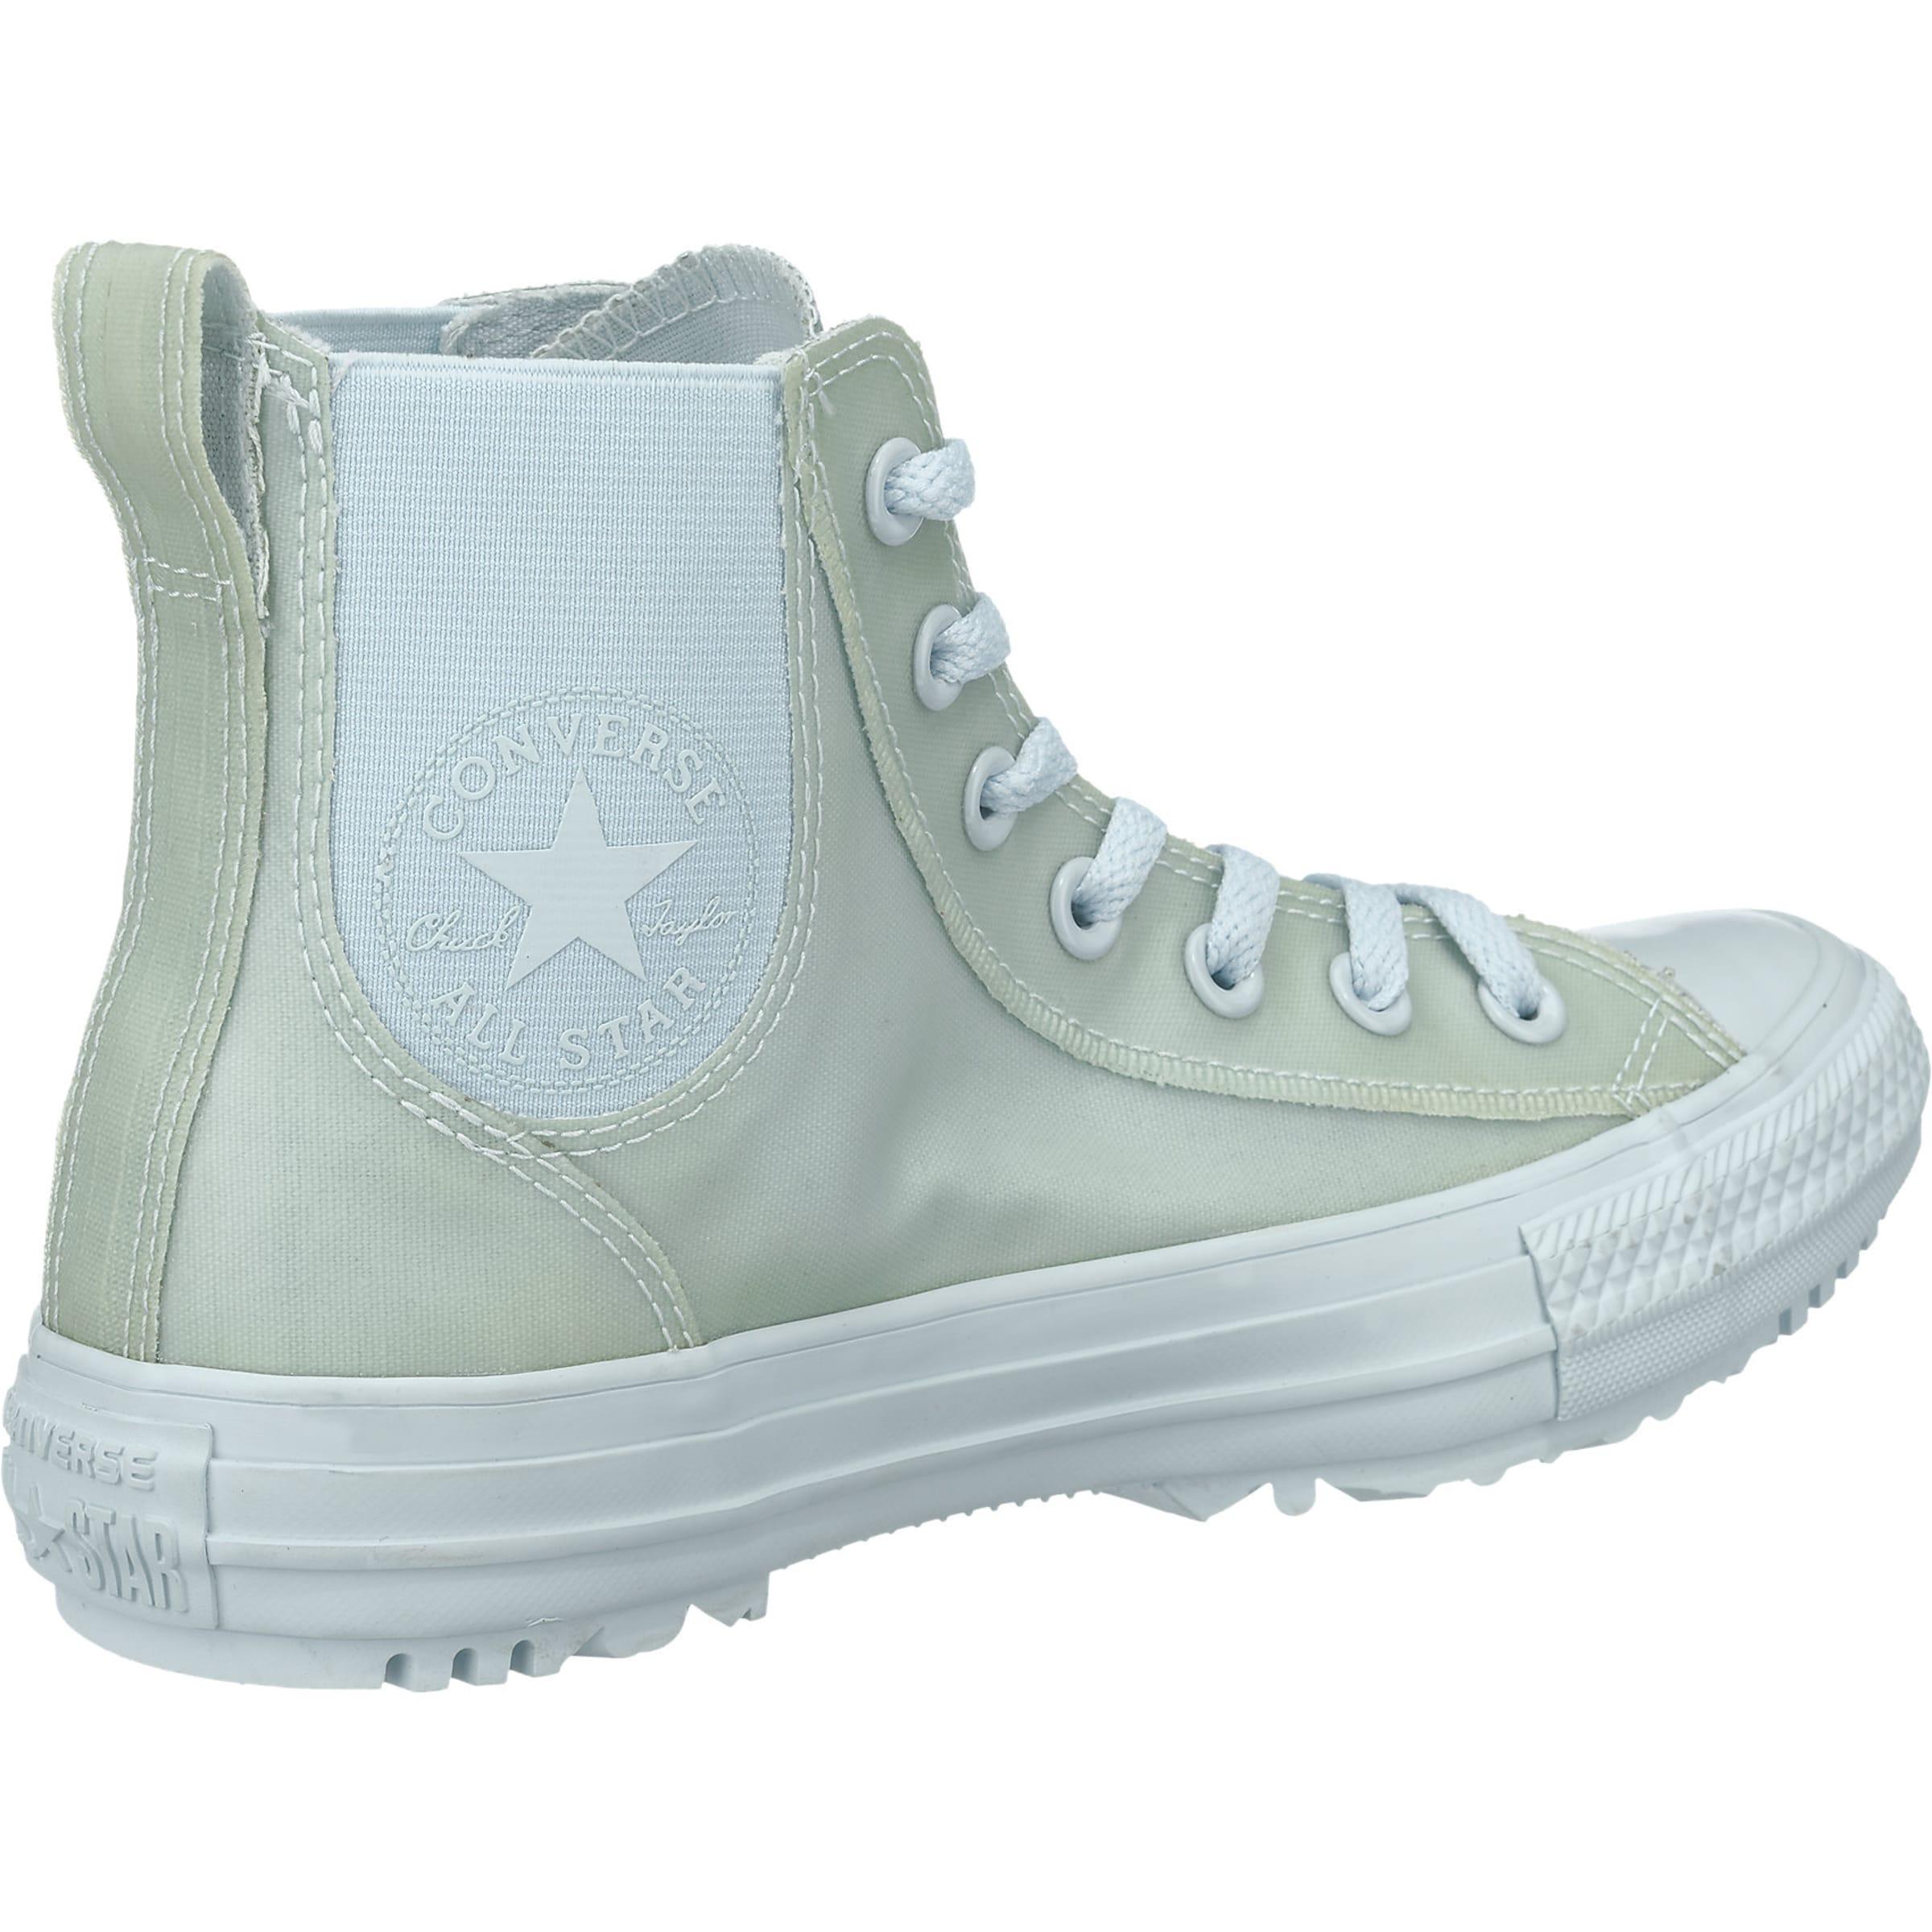 Billig Verkauf Visum Zahlung Billig Rabatt Authentisch CONVERSE Chuck Taylor All Star Chelsea Boot Sneakers Bestes Geschäft Zu Erhalten Online-Verkauf 4OTfSmYZzP